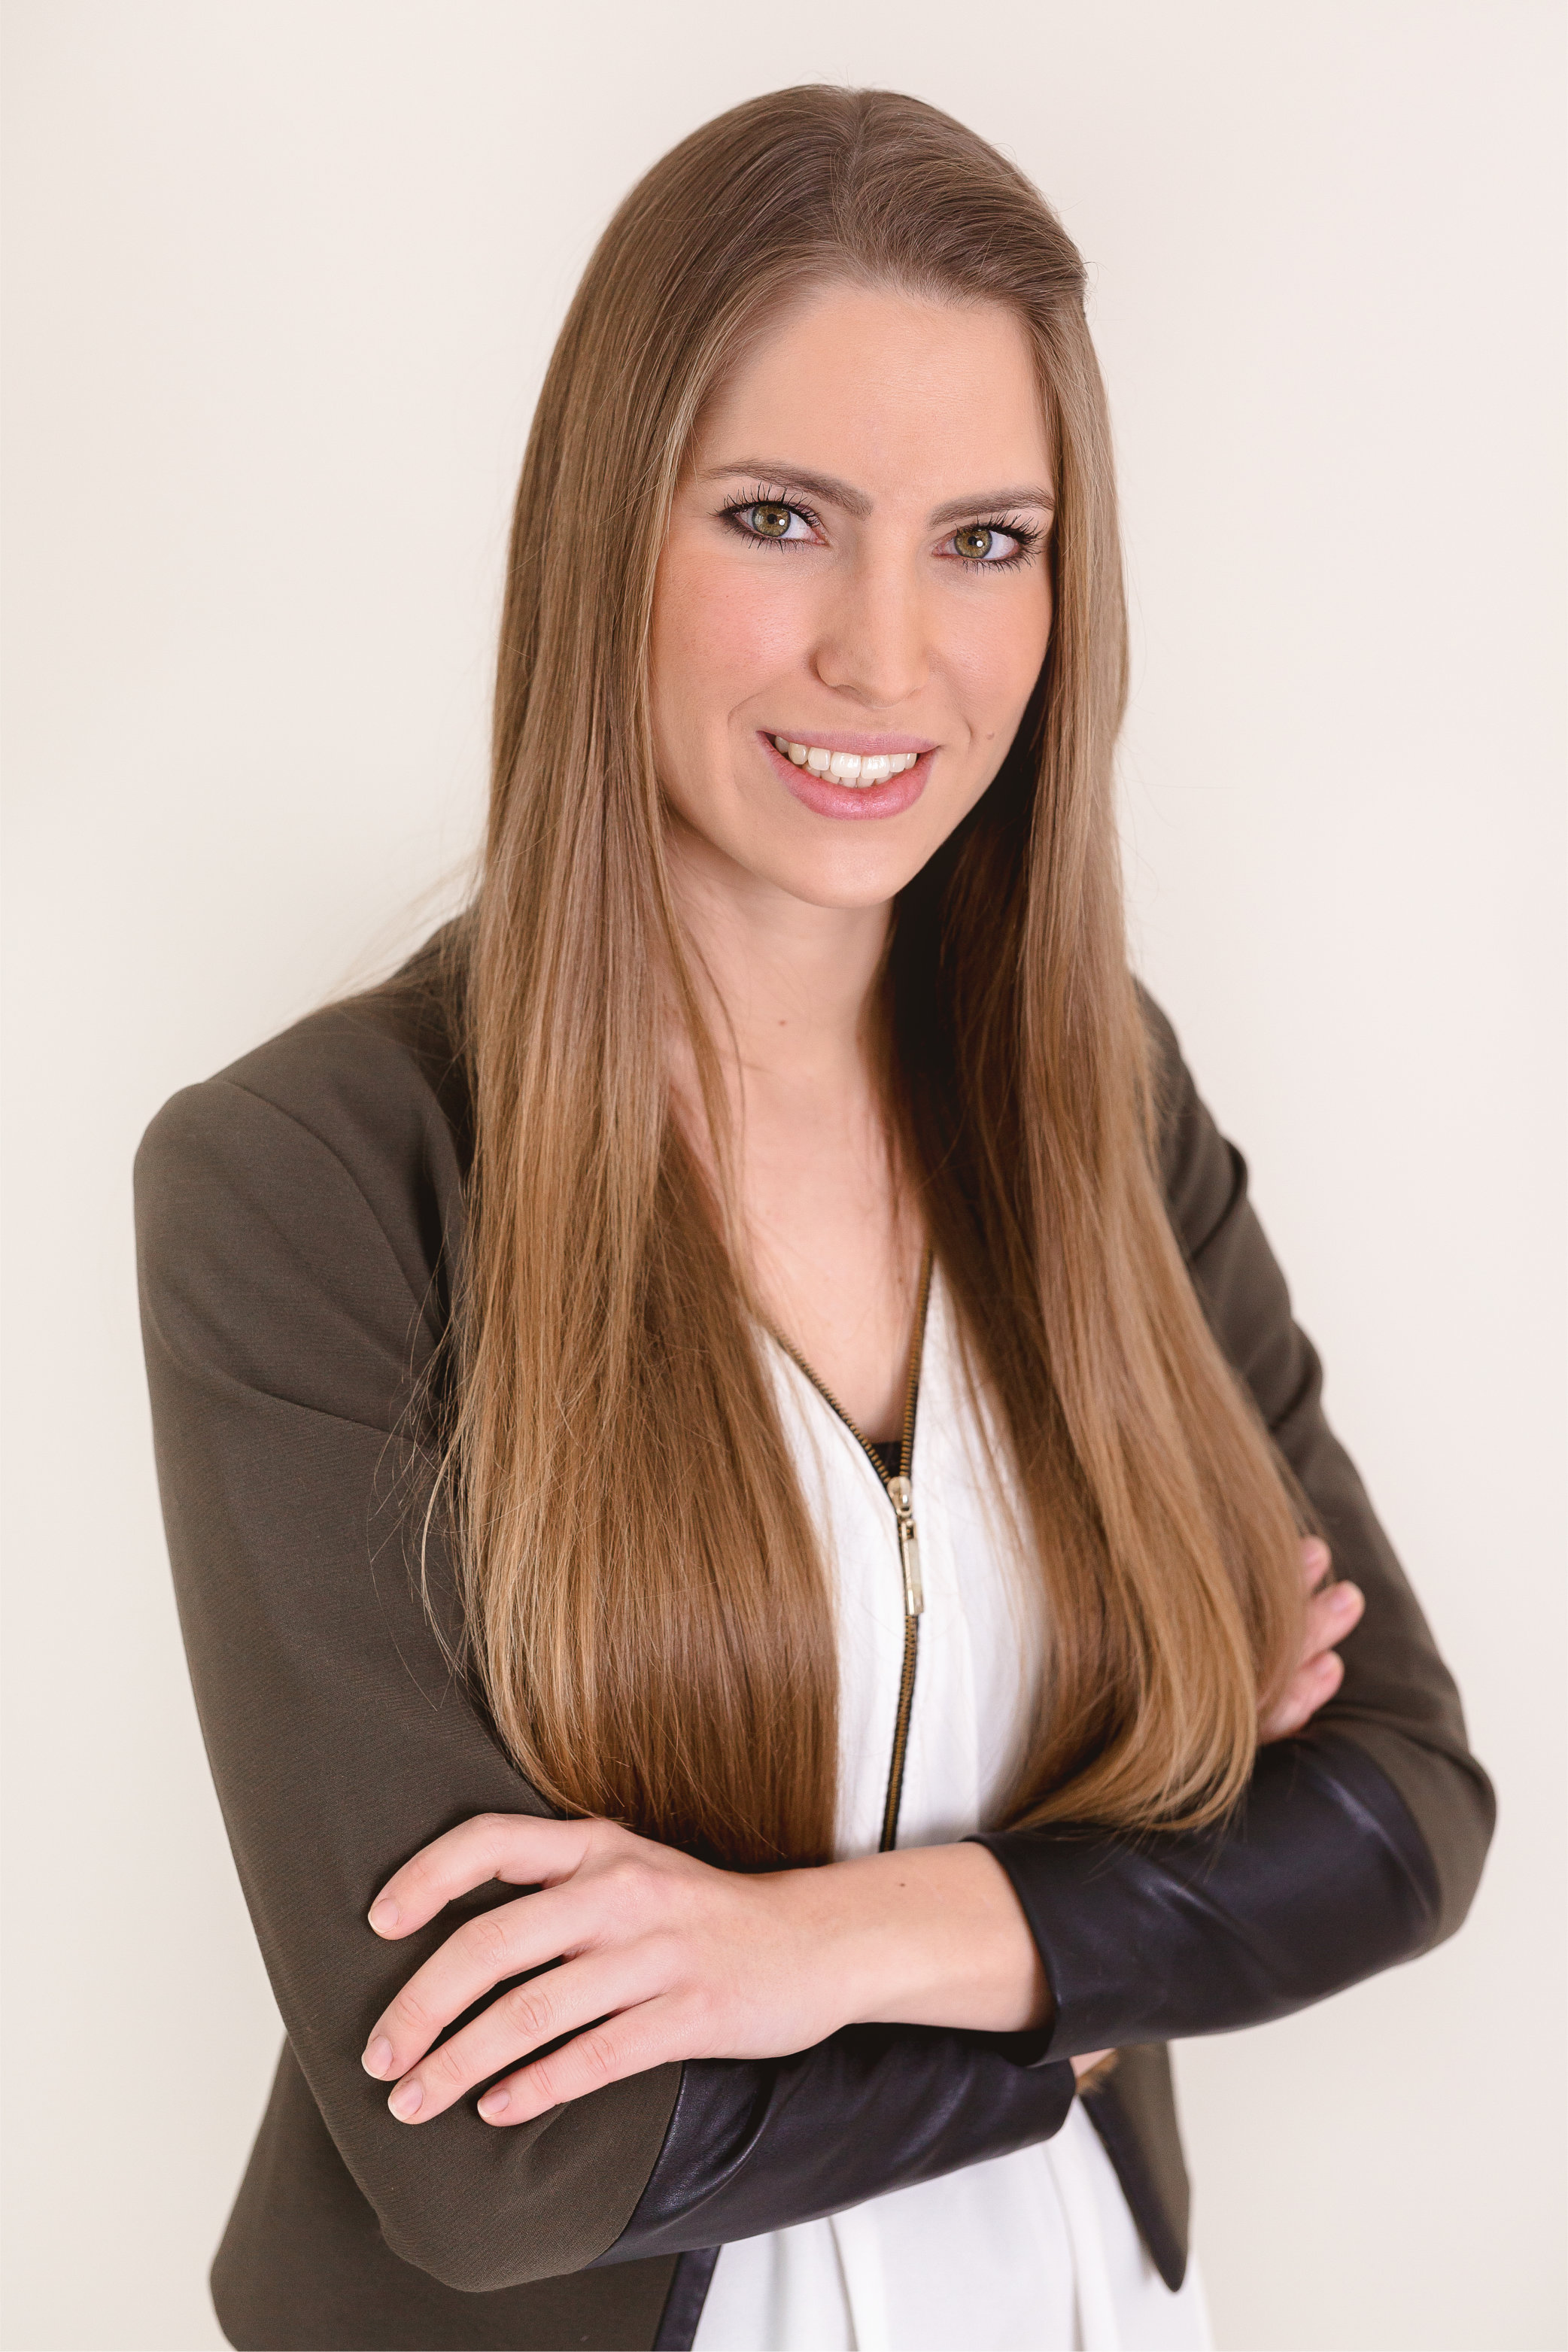 Bianca Keusch